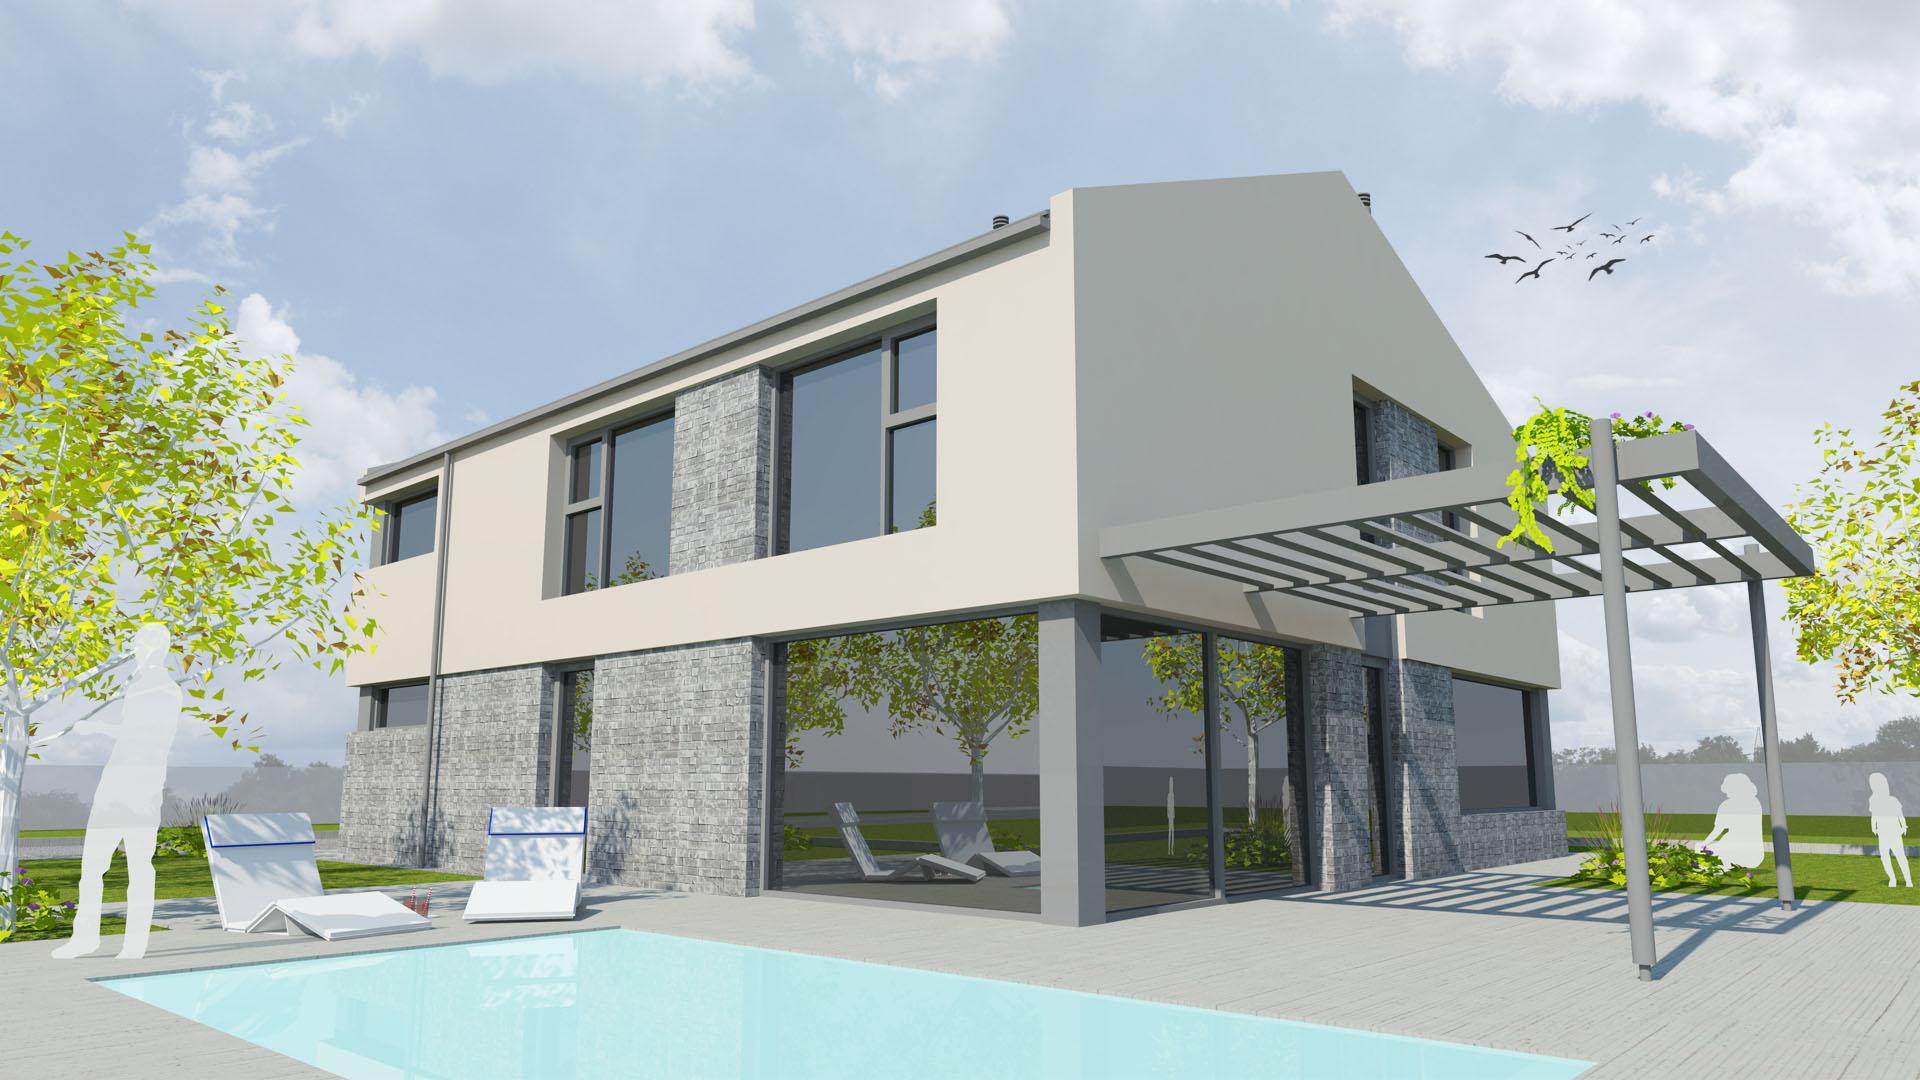 einfamilienhaus gänserndorf architektur